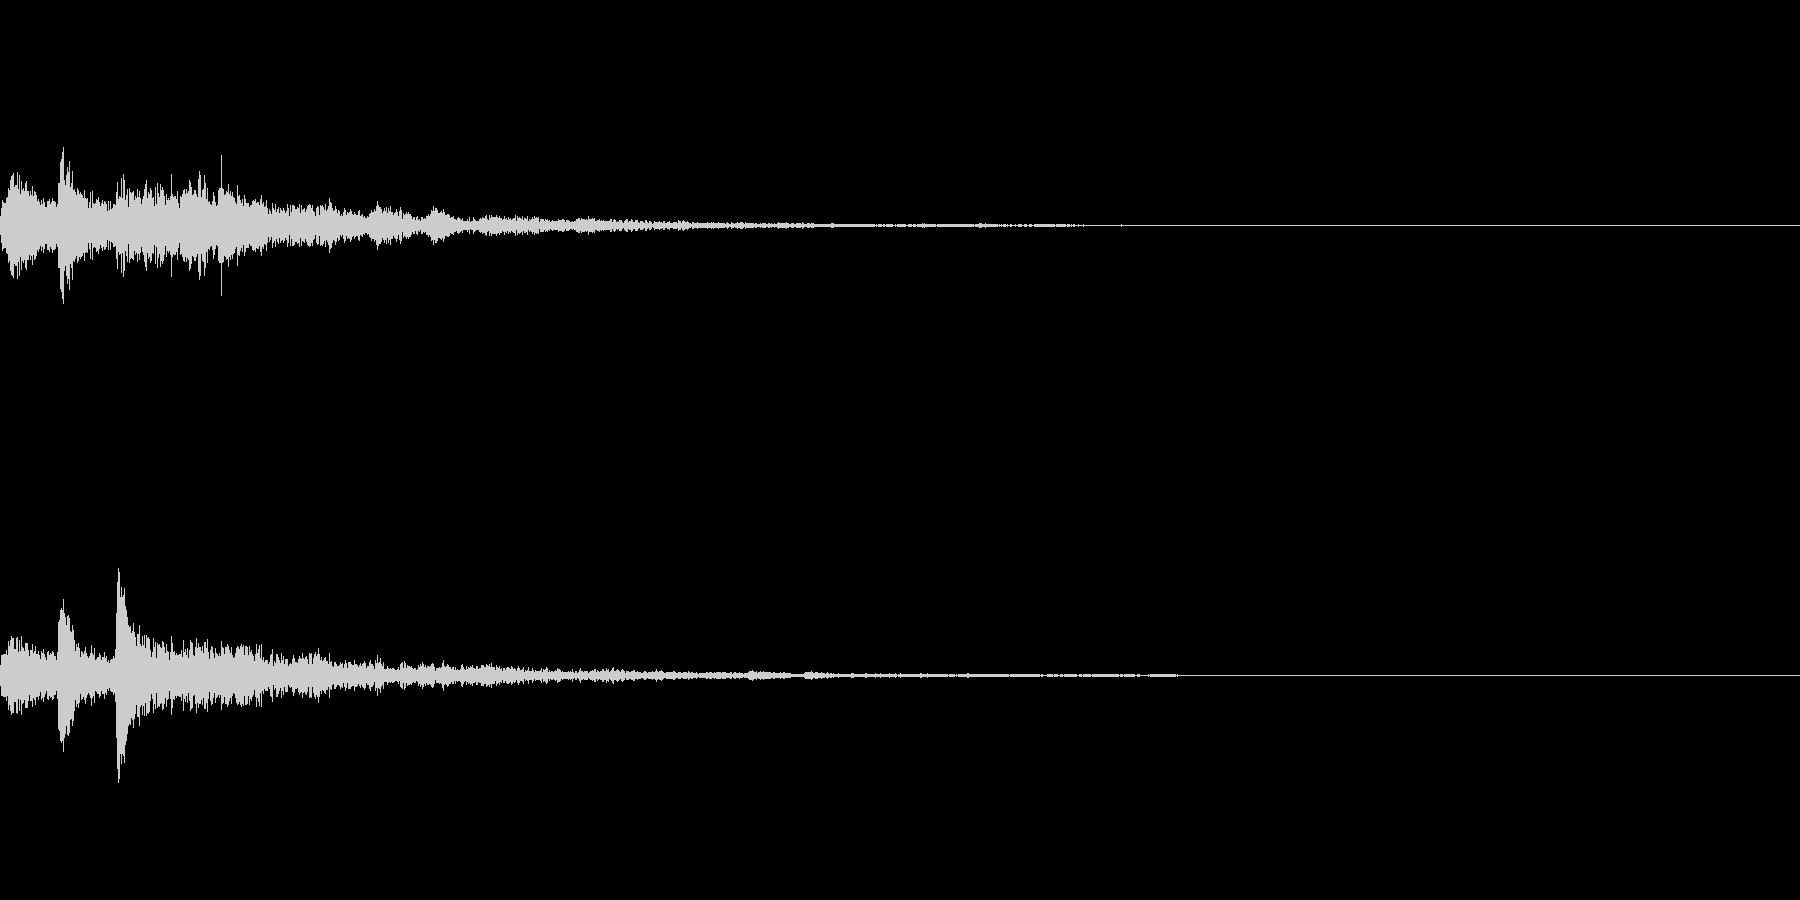 ぽろん♪(連鎖07)の未再生の波形